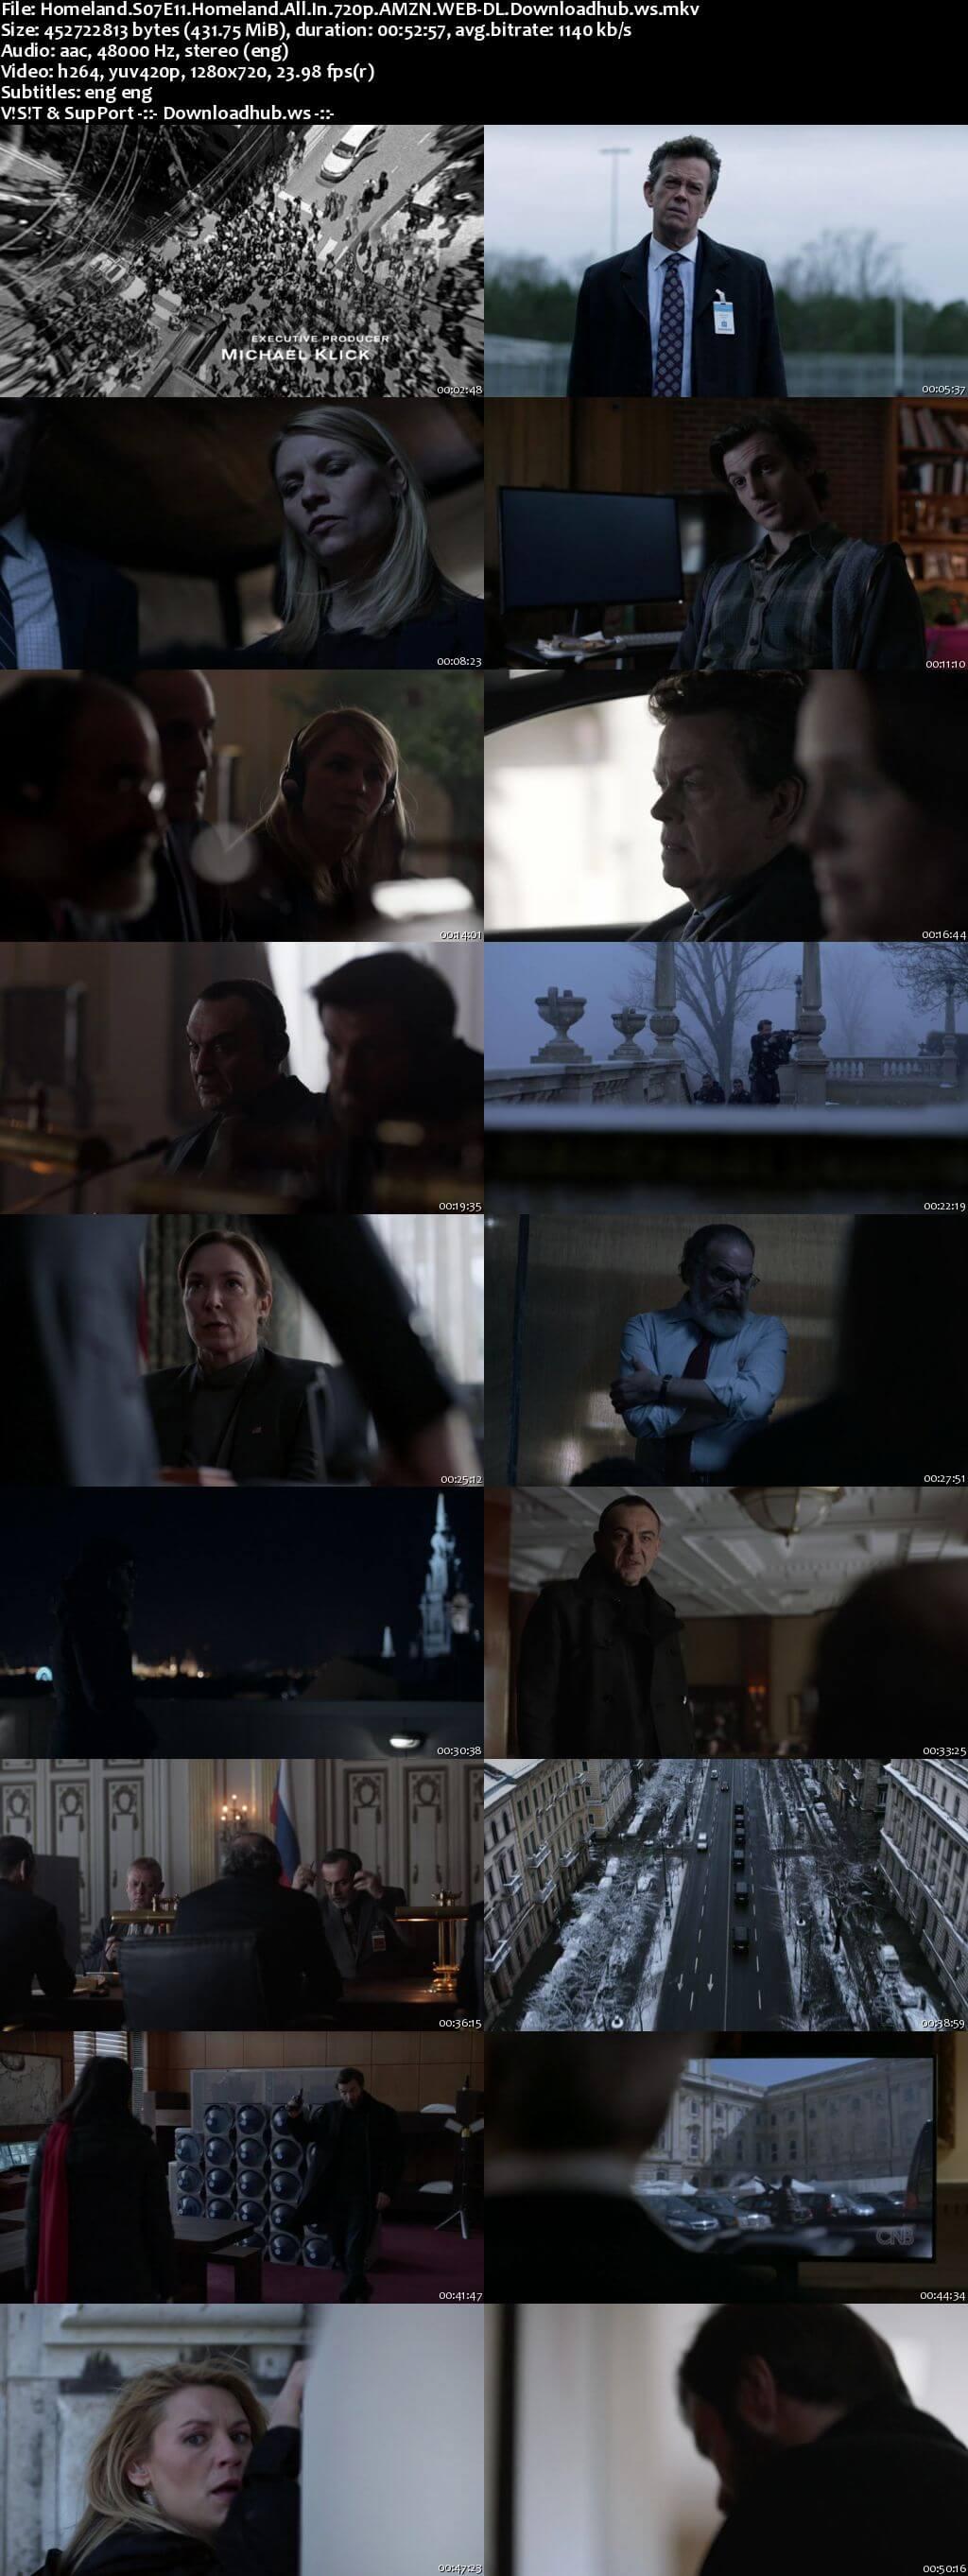 Homeland S07E11 400MB WEB-DL 720p ESubs